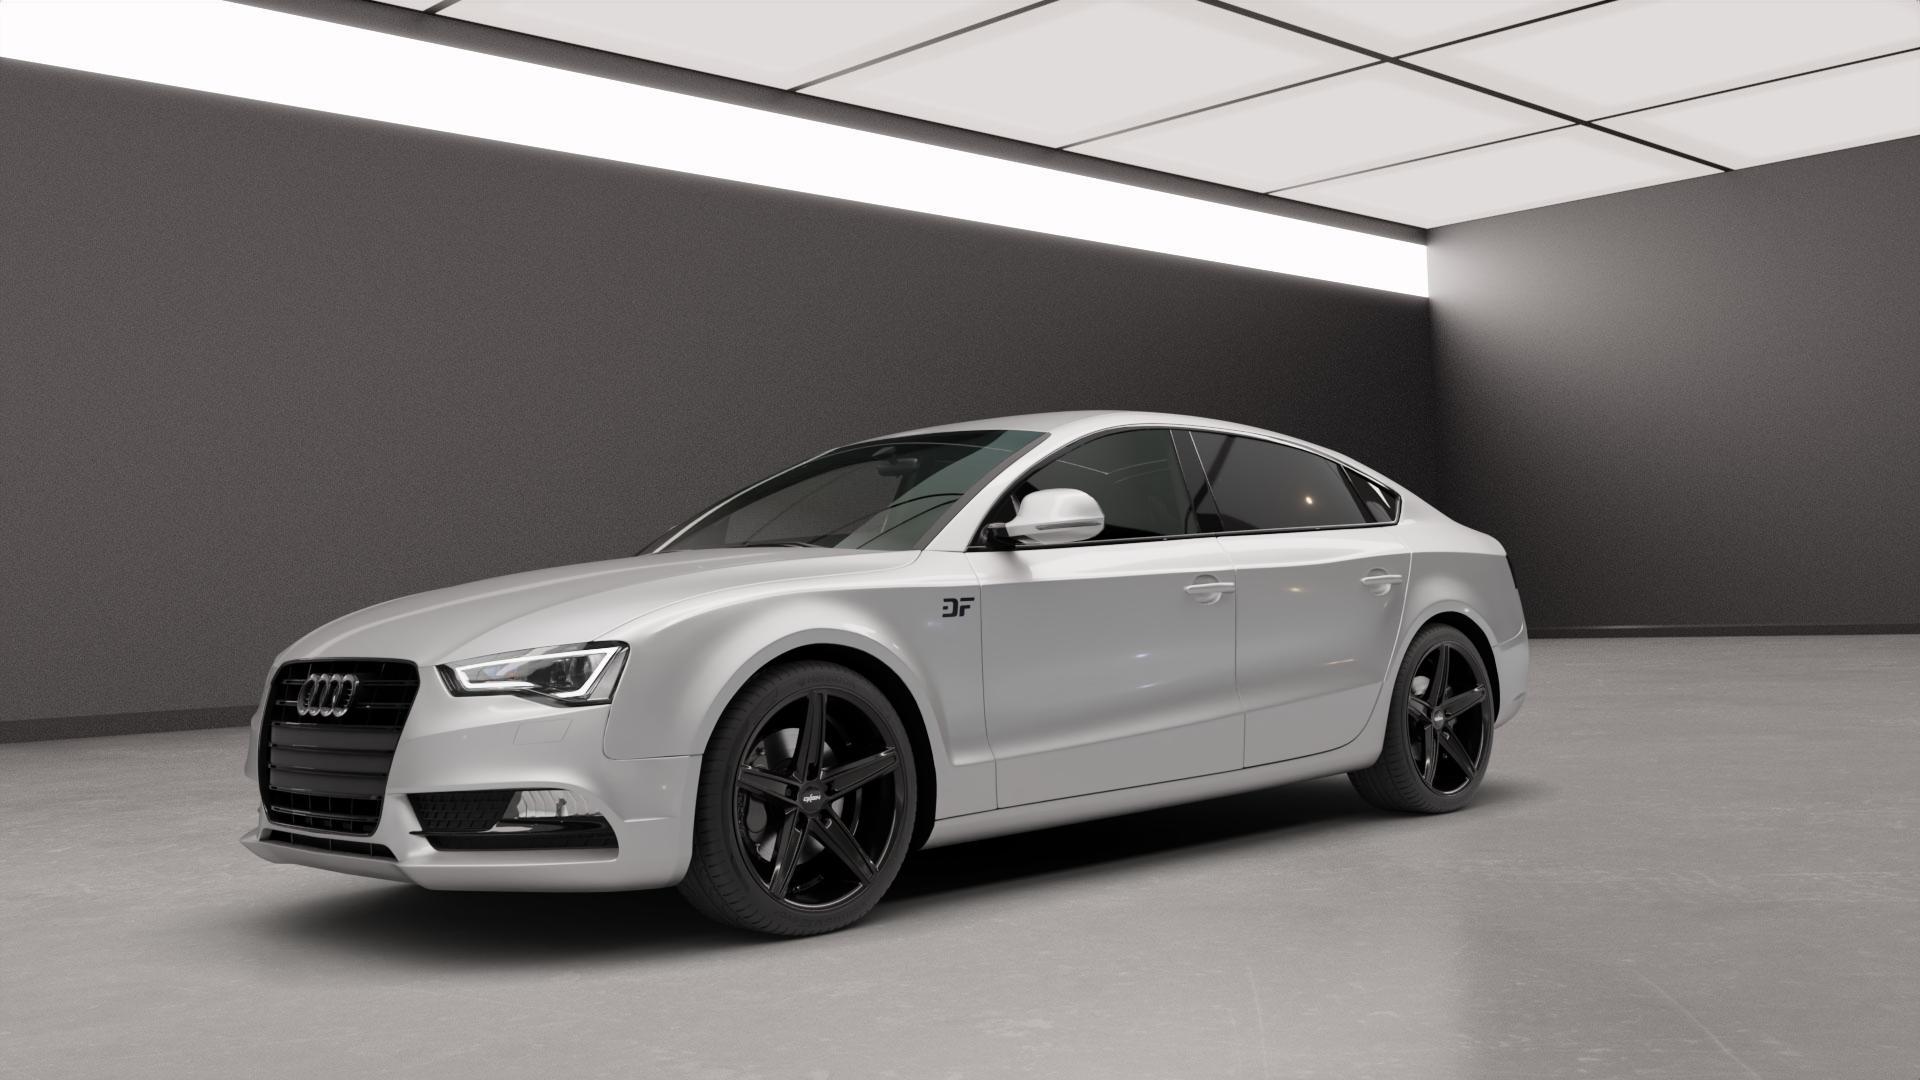 OXIGIN 18 Concave black Felge mit Reifen schwarz in 19Zoll Winterfelge Alufelge auf silbernem Audi A5 Typ B8 (Sportback) Facelift ⬇️ mit 15mm Tieferlegung ⬇️ Neutral_mid_max5300mm Frontansicht_1